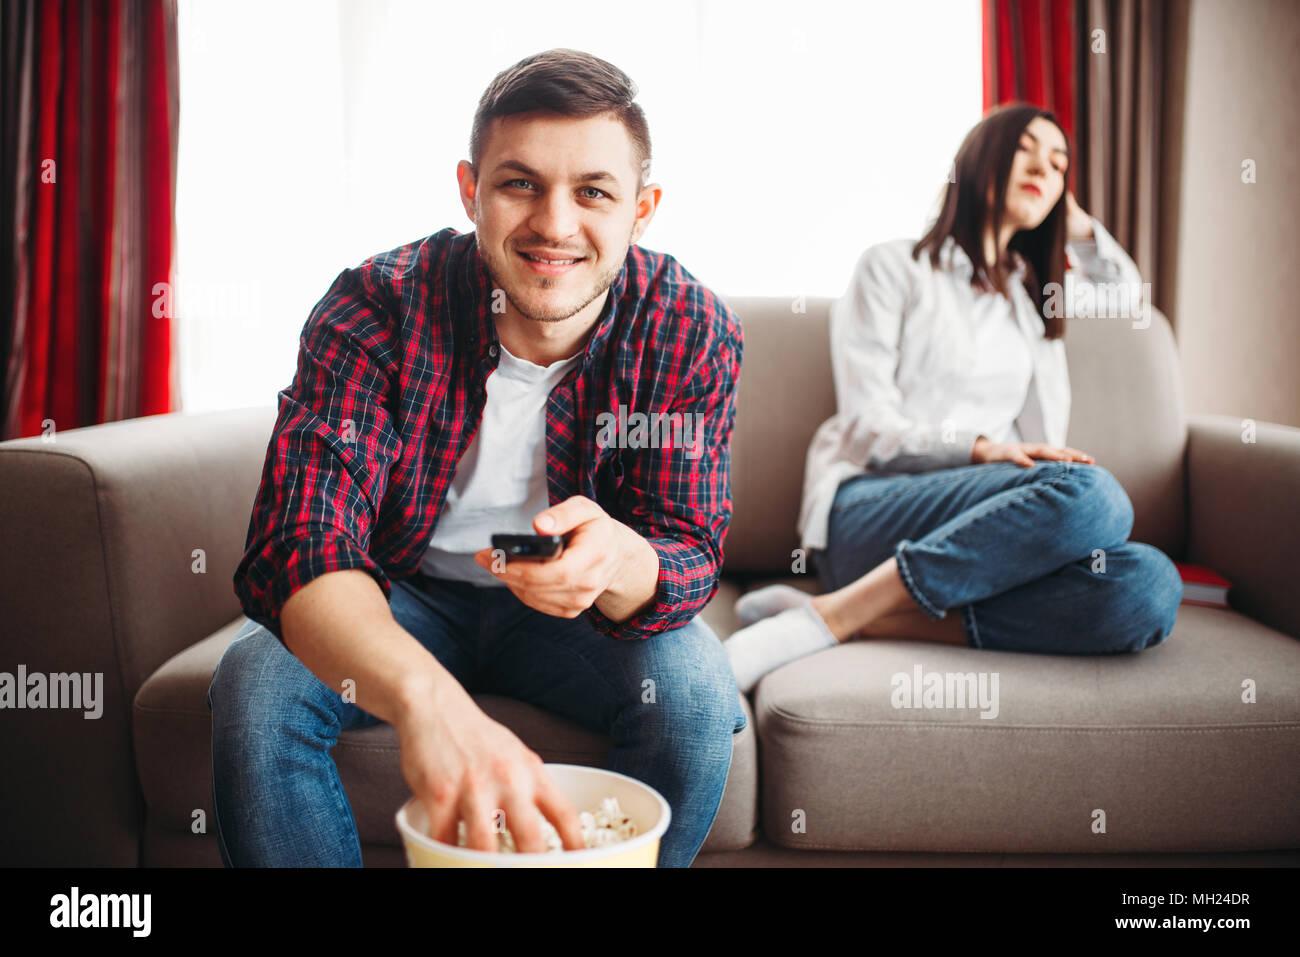 Regarder la télévision et de l'homme mange du pop-corn, femme de mauvaise humeur Photo Stock